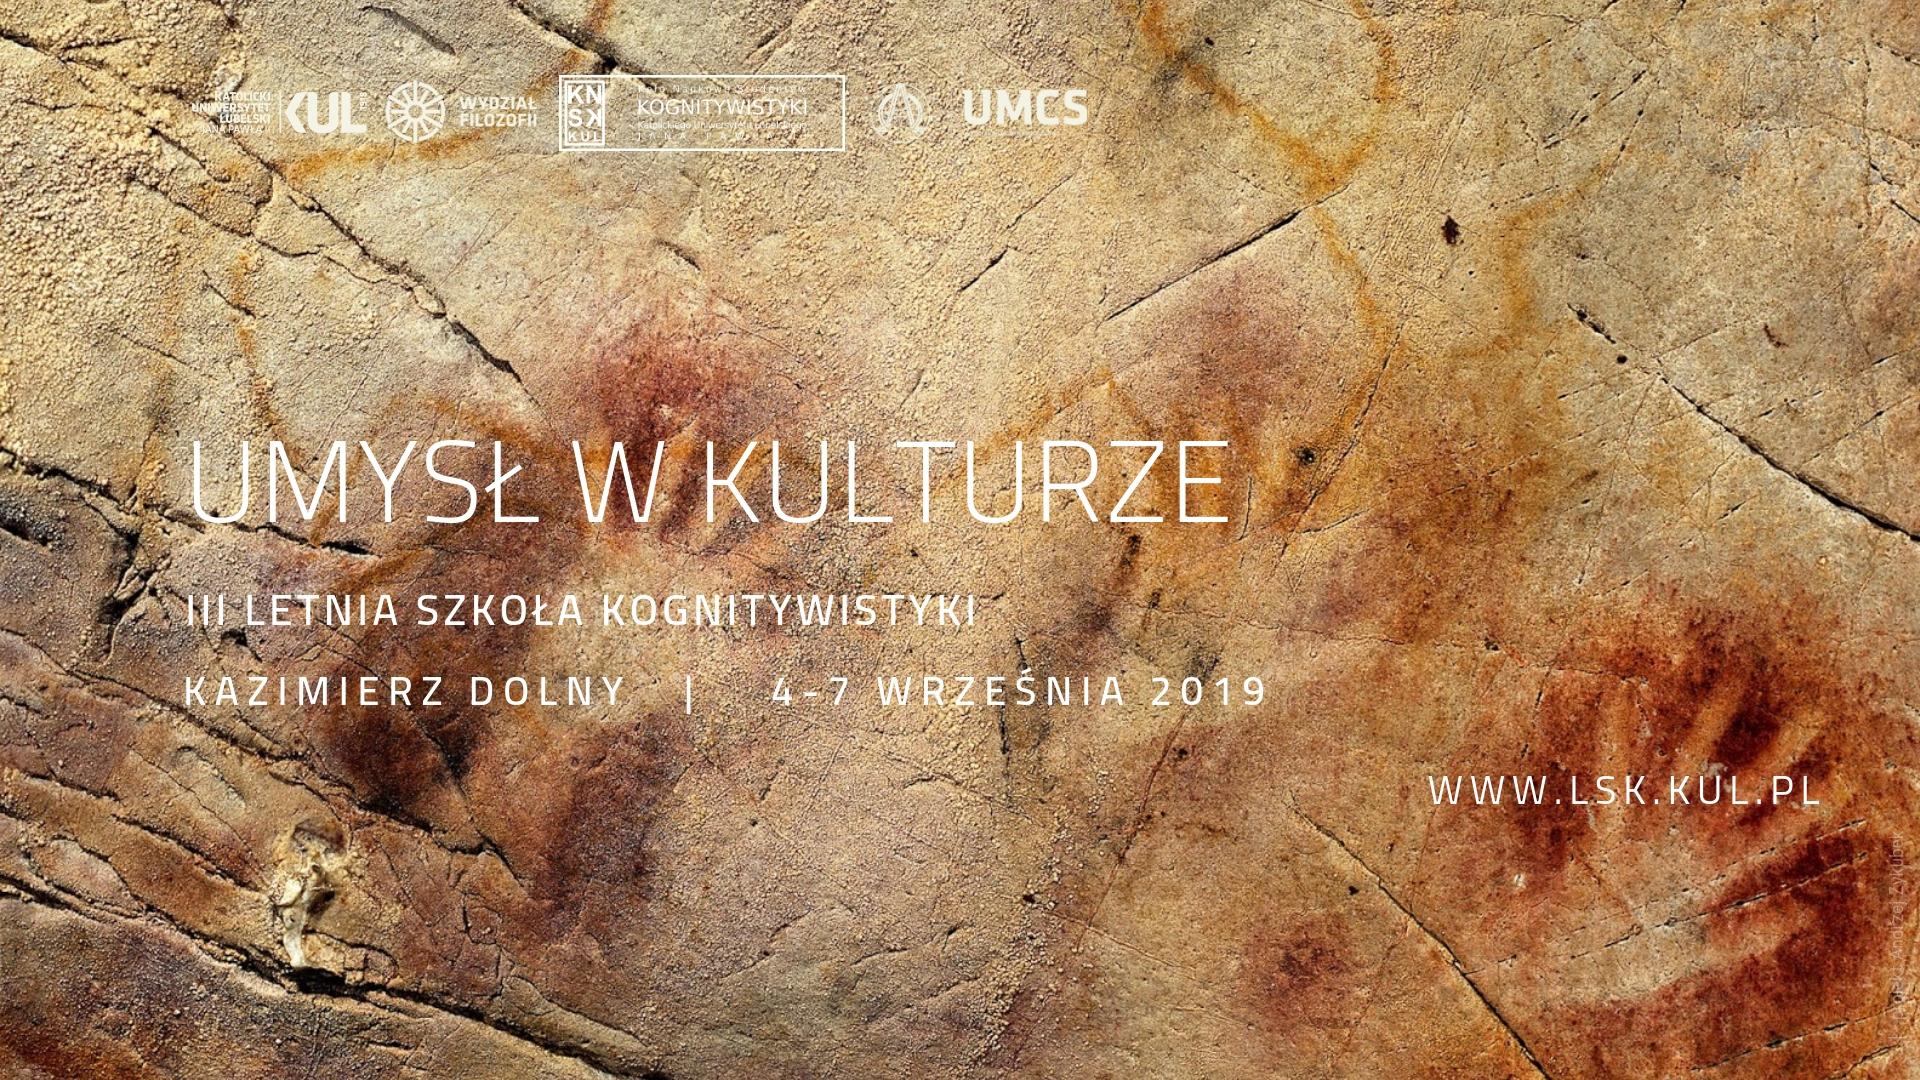 Polski Zjazd Filozoficzny